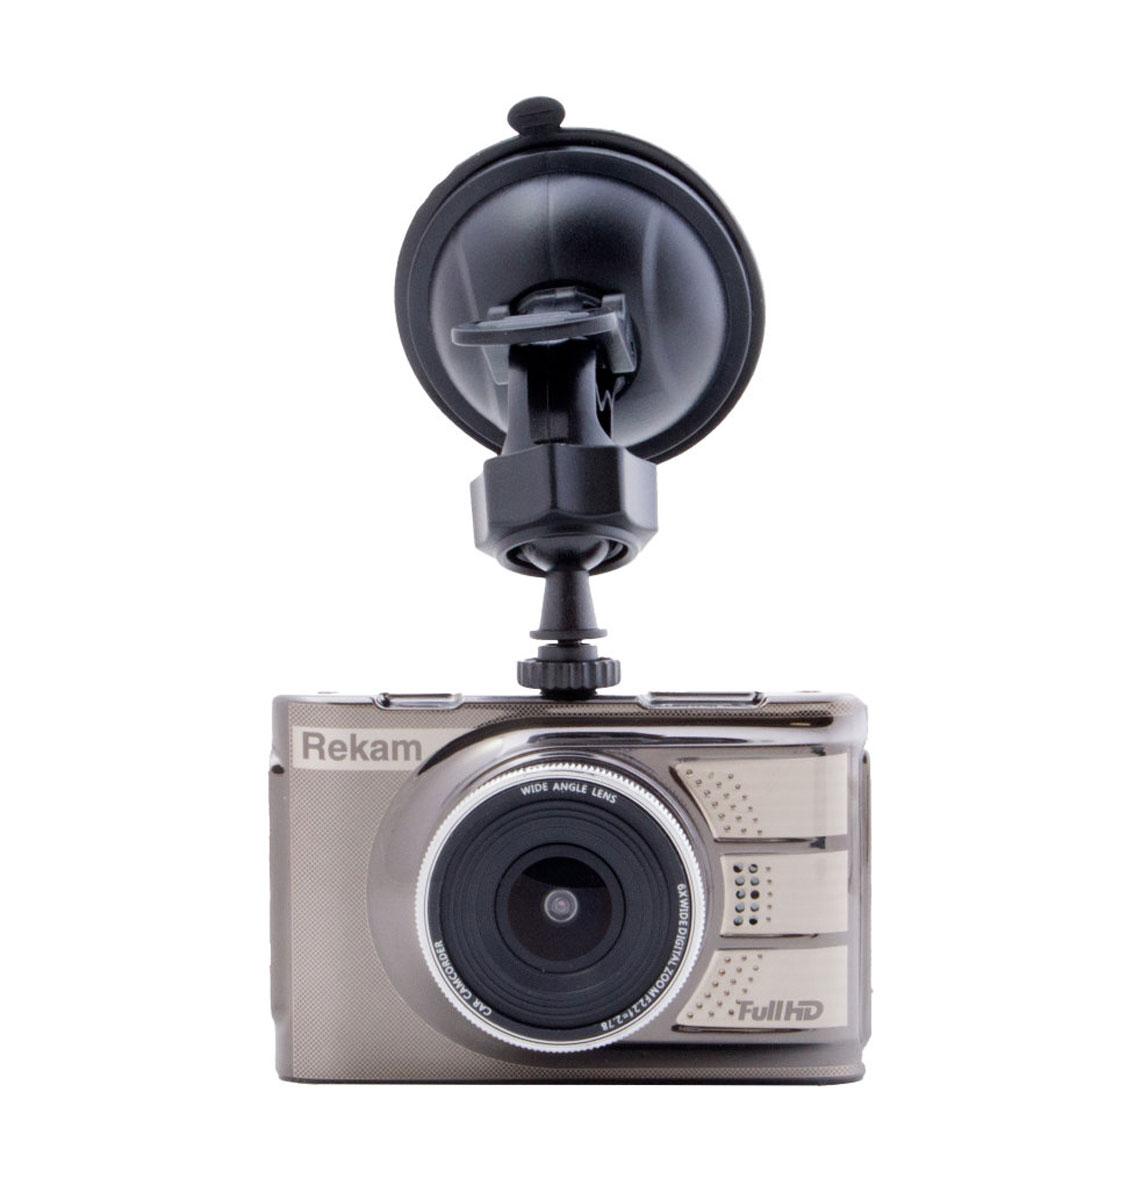 Rekam F200 видеорегистратор2603000005Качественное и мощное оснащение видеорегистратора Rekam F200позволяет получать Full HD видео с разрешением 1920х1080, охватывая все необходимые детали и подробности в любых условиях освещённости. Во время движения, в случае удара, резкого торможения или ускорения встроенный датчик удара (G-сенсор) автоматически переведёт регистратор в аварийный режим работы и запишет видеофайл в отдельную папку, защитив от уничтожения. На лицевой стороне видеорегистратора Rekam F200 расположен 6 линзовый объектив. Он имеет угол обзора 120° и диафрагму 2.2, что обеспечивает достойное качество съемки высокого качества, как в Full HD, так и в HD разрешении при различных условиях освещения. Помимо объектива, на лицевой стороне расположен встроенный динамик. Кроме режима записи видео со звуком, Rekam F200 поддерживает режим съемки фотографий. Для расширения функциональных возможностей видеорегистратор оснастили функцией стабилизации изображения, 3-х осевым G-сенсором, на основе которого были реализованы режим защиты записи при ударе, а также режим Парковка, при включении которого обеспечивается автоматическое включение видеорегистратора и запись защищённого видеофайла при срабатывании датчика удара в машине на стоянке.Штатное крепление на лобовое стекло отличается простотой установки самого видеорегистратора, возможностью поворачивать его на 360° в горизонтальной плоскости и менять угол наклона. При этом само крепление достаточно компактно, что делает видеорегистратор практически не заметным на лобовом стекле.